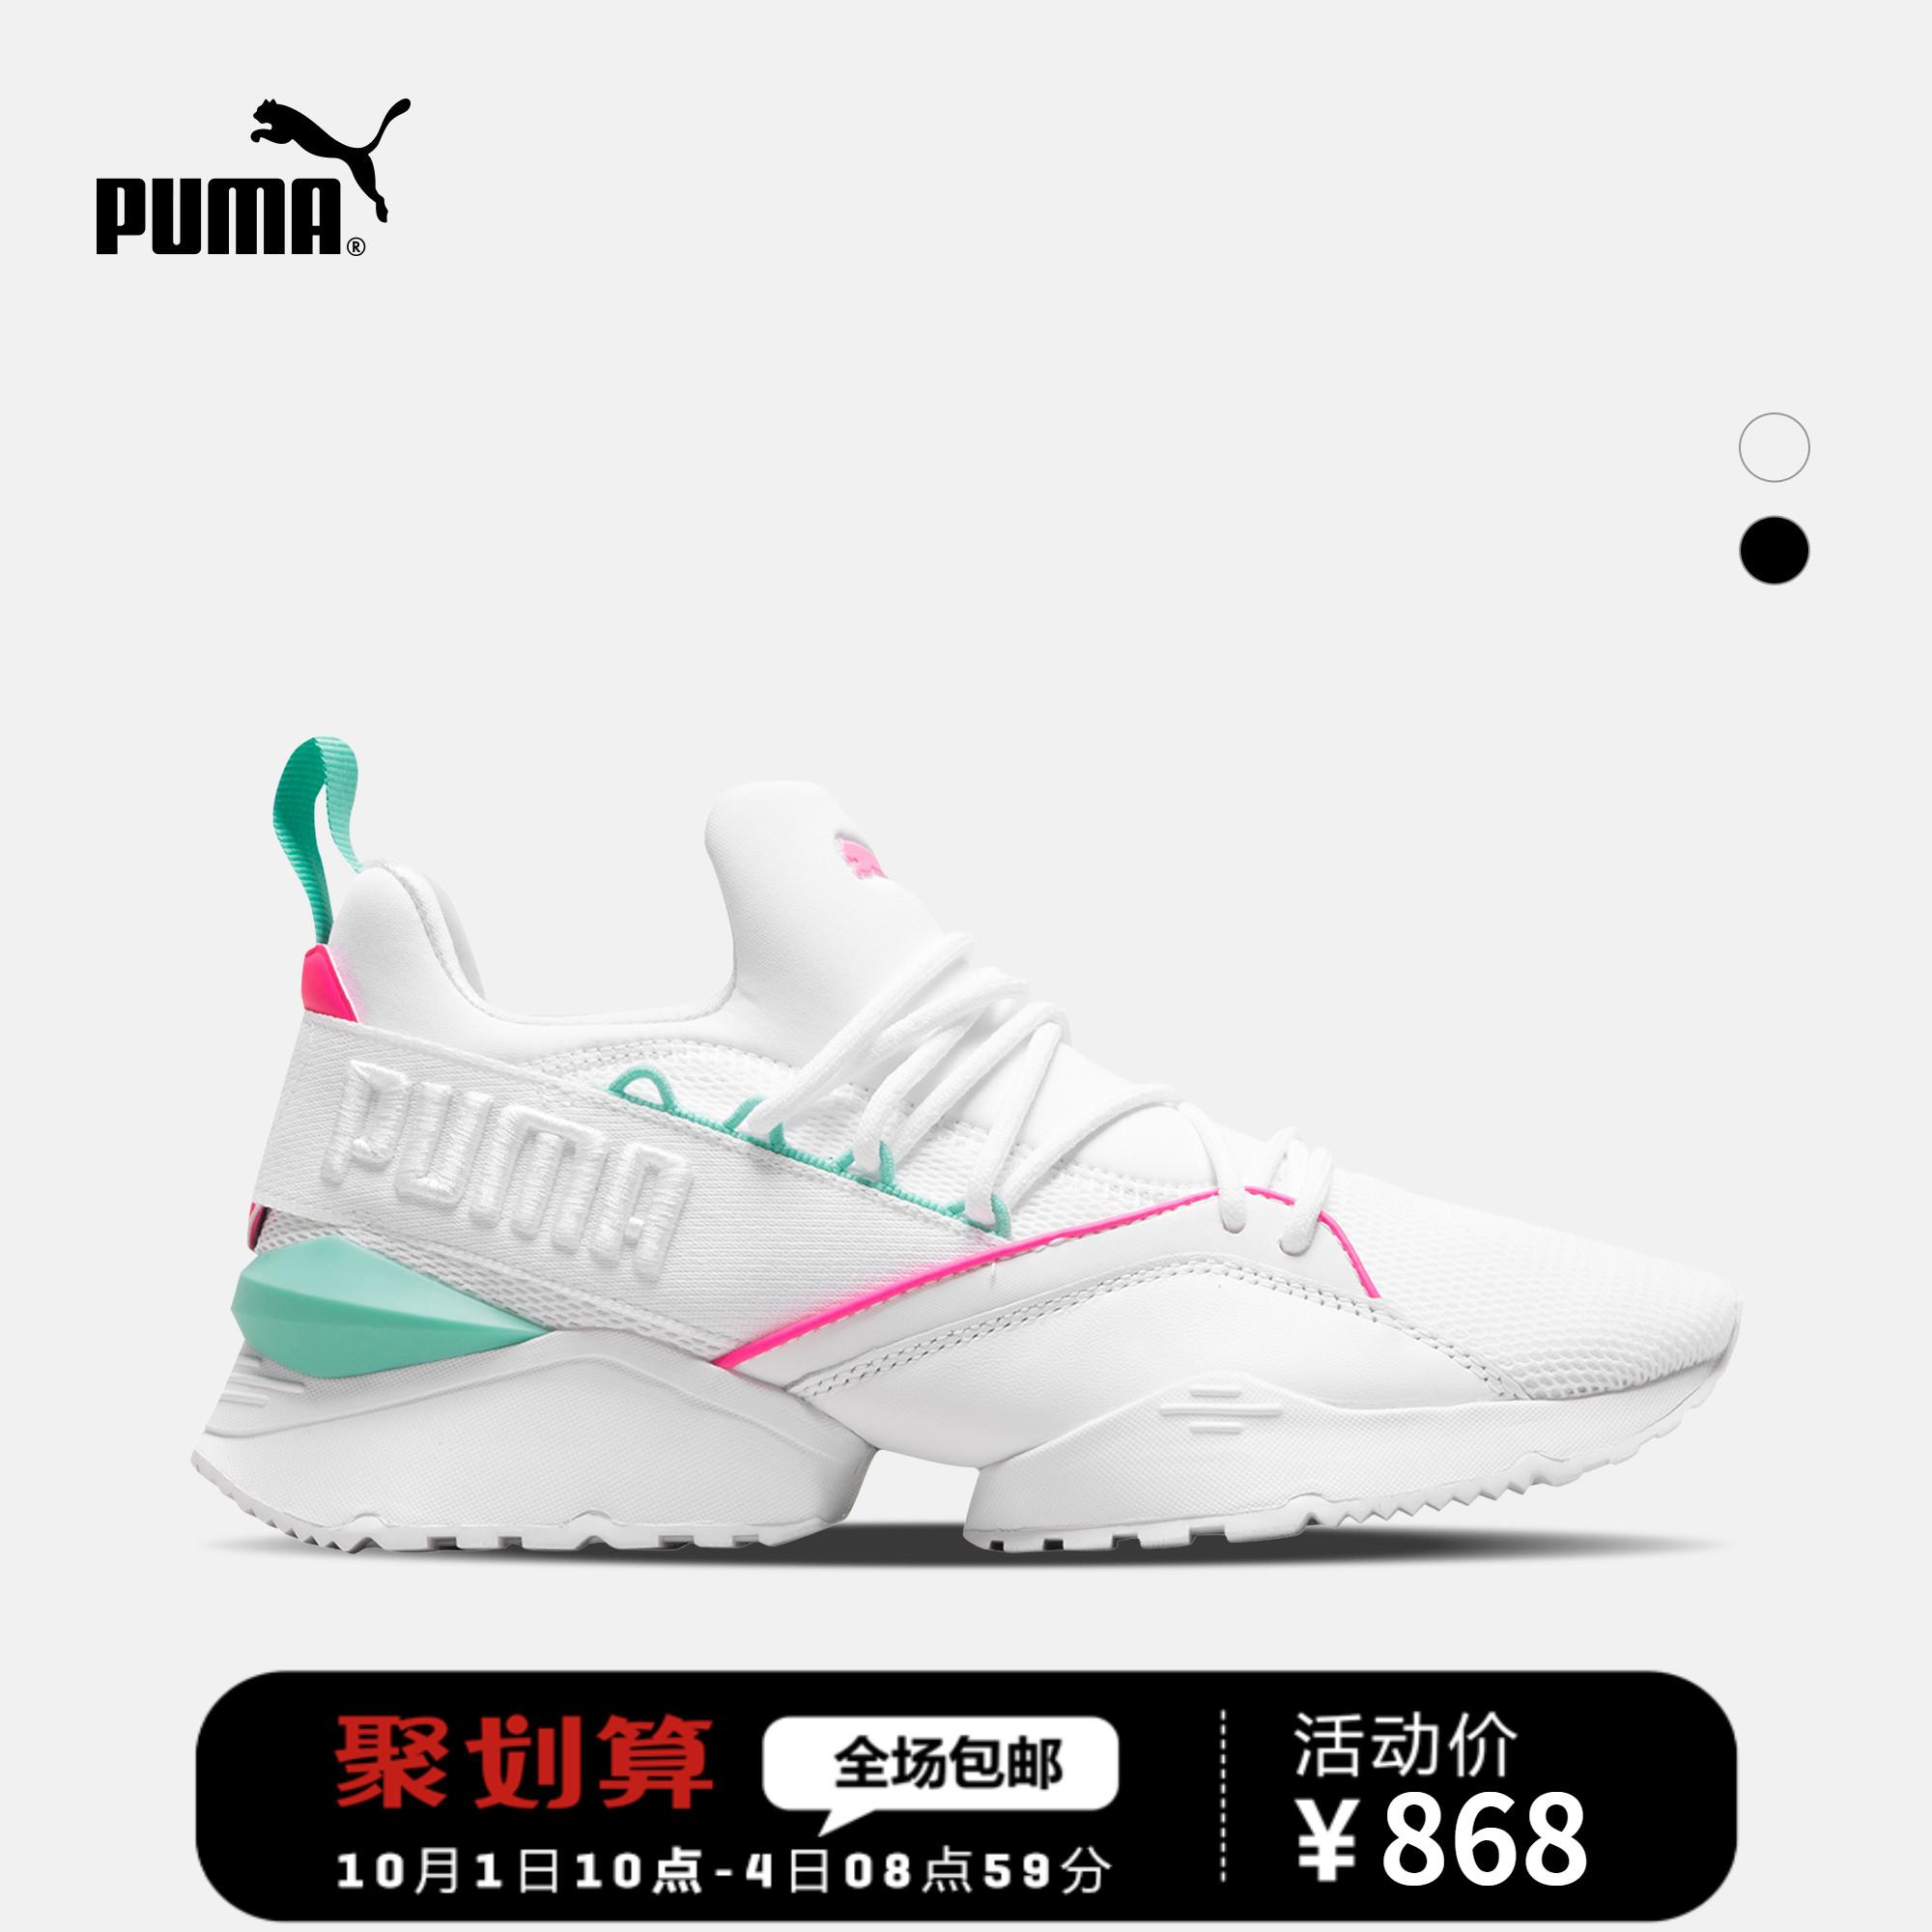 PUMA彪马官方 刘雯同款 女子休闲鞋 Muse Maia Street 1 367355